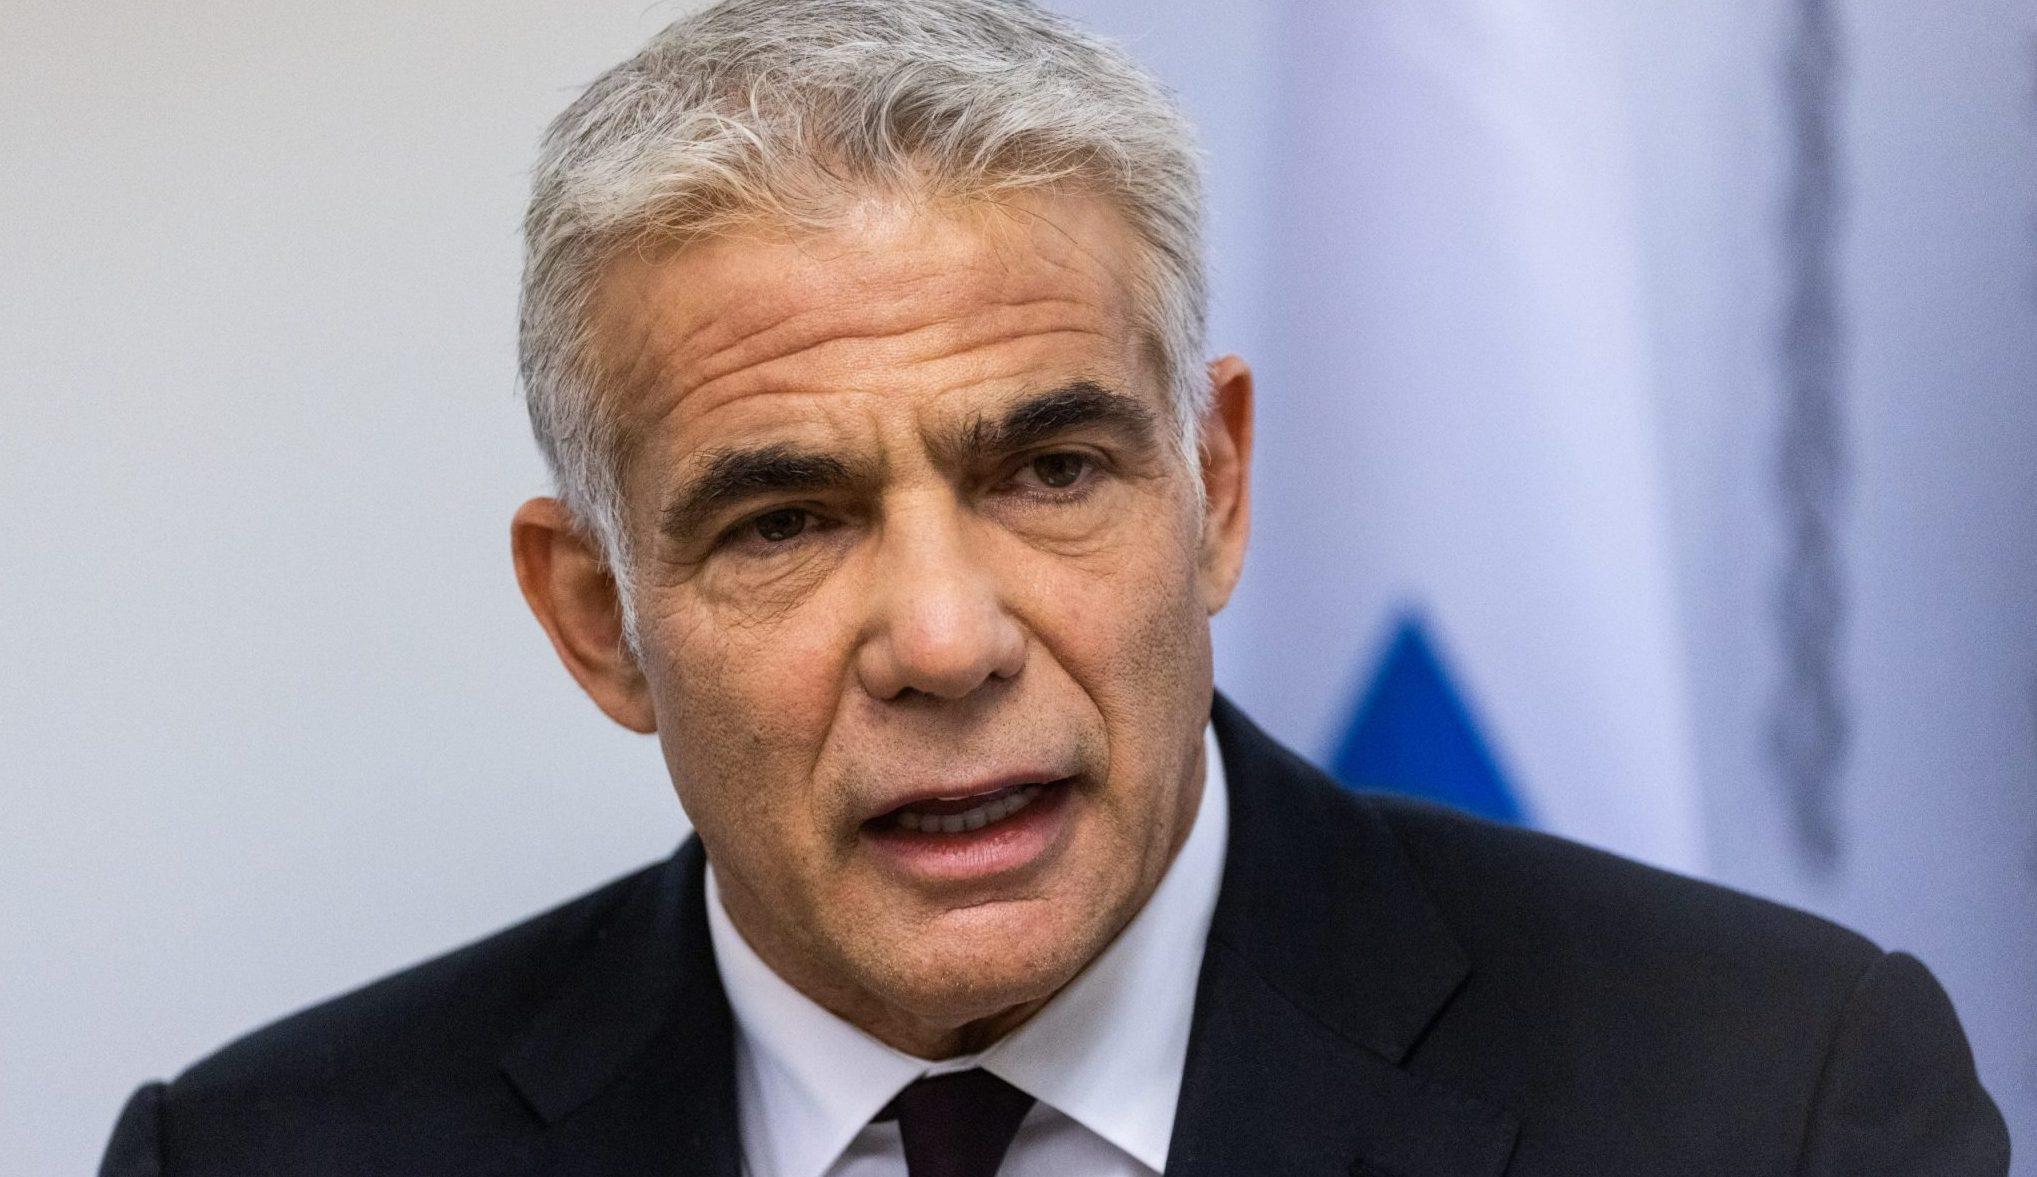 המשבר הדיפלומטי עם פולין מחריף: נציגי ישראל ופולין זומנו לשיחות נזיפה